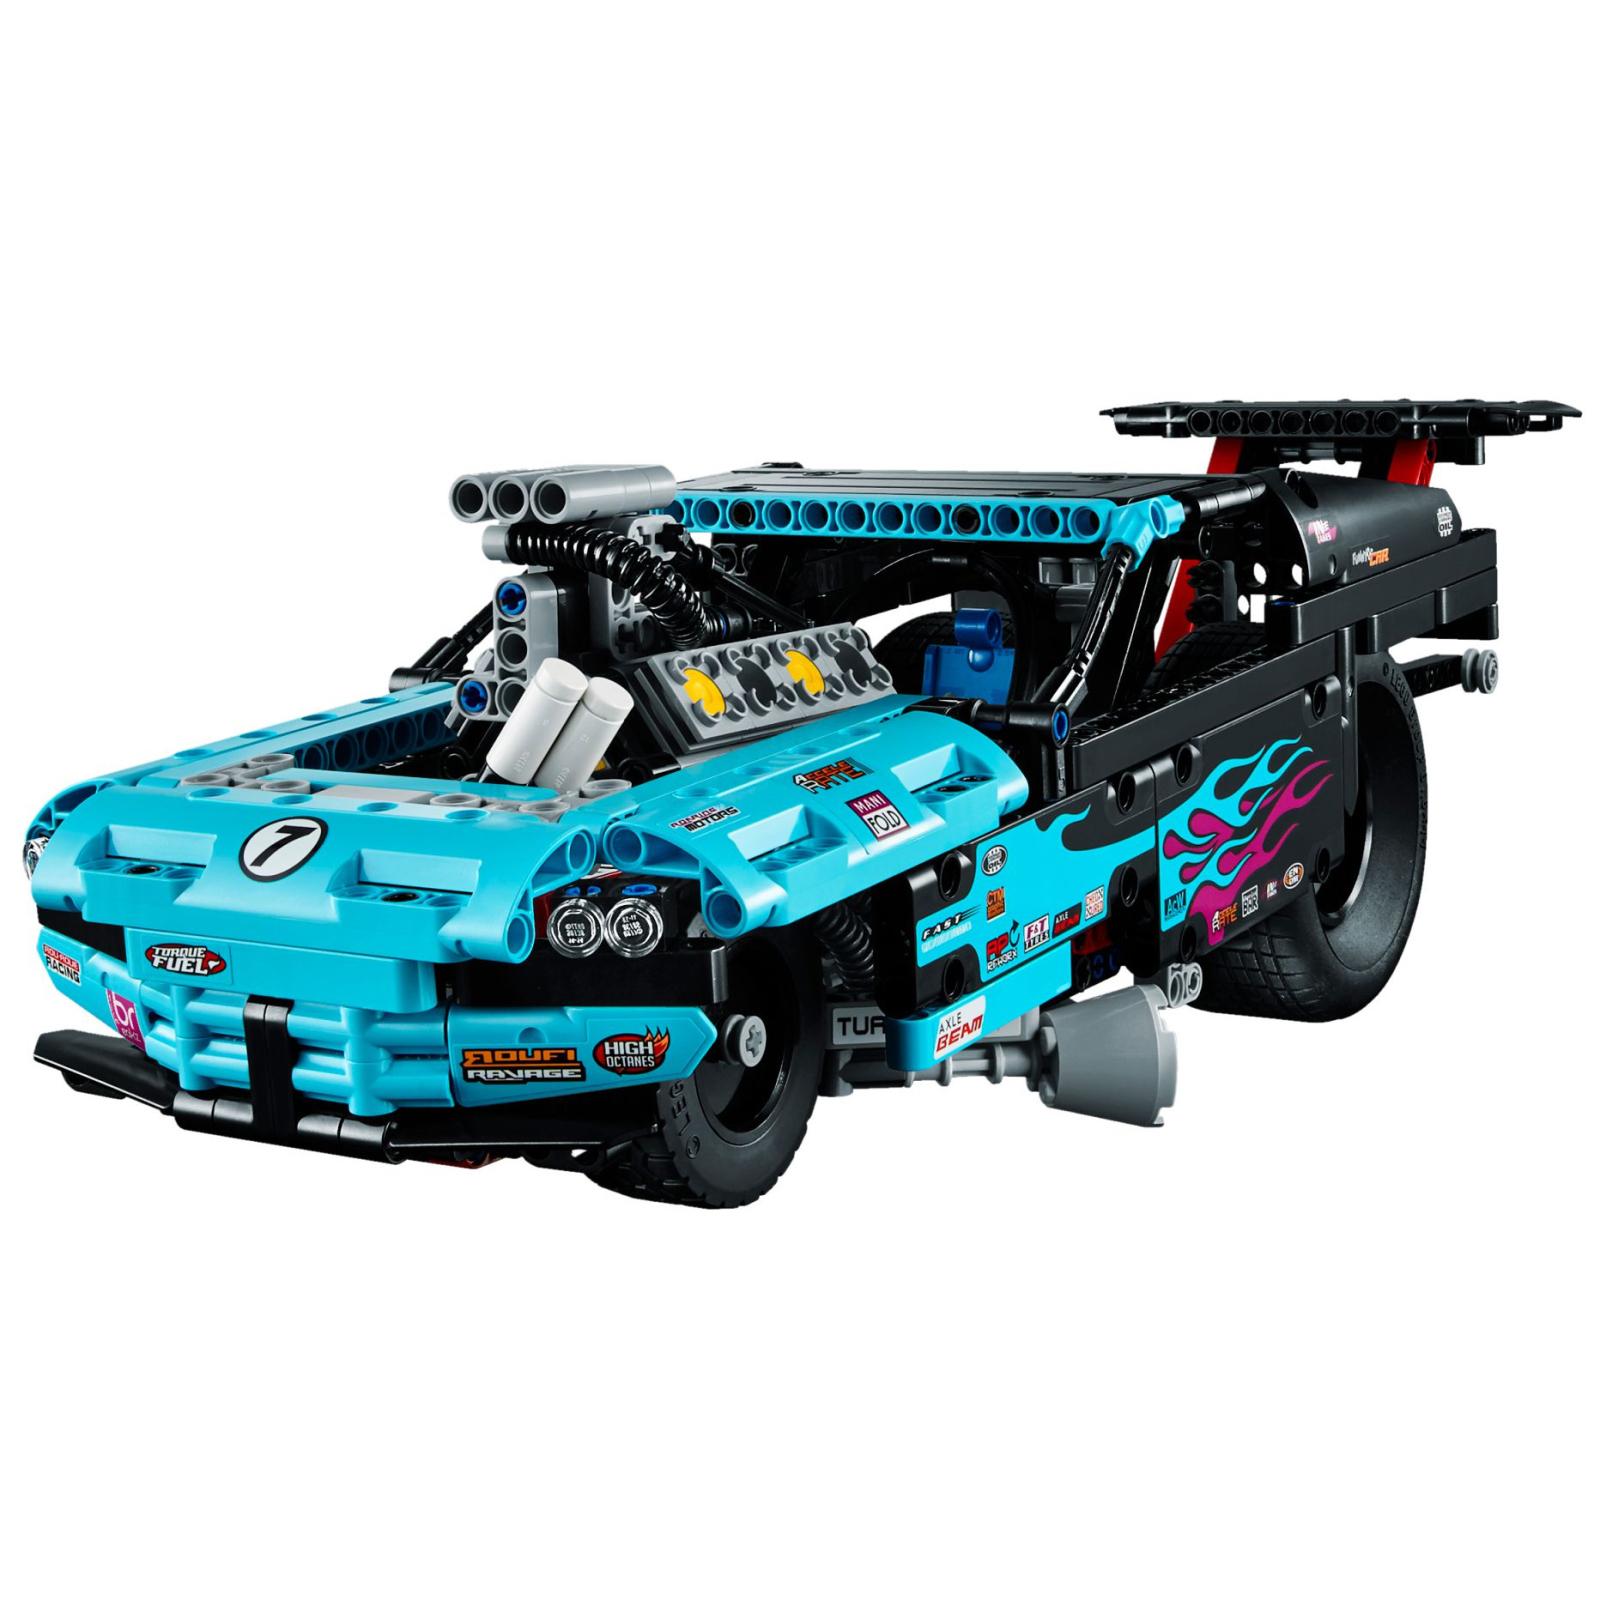 Конструктор LEGO Technic Драгстер (42050) изображение 6